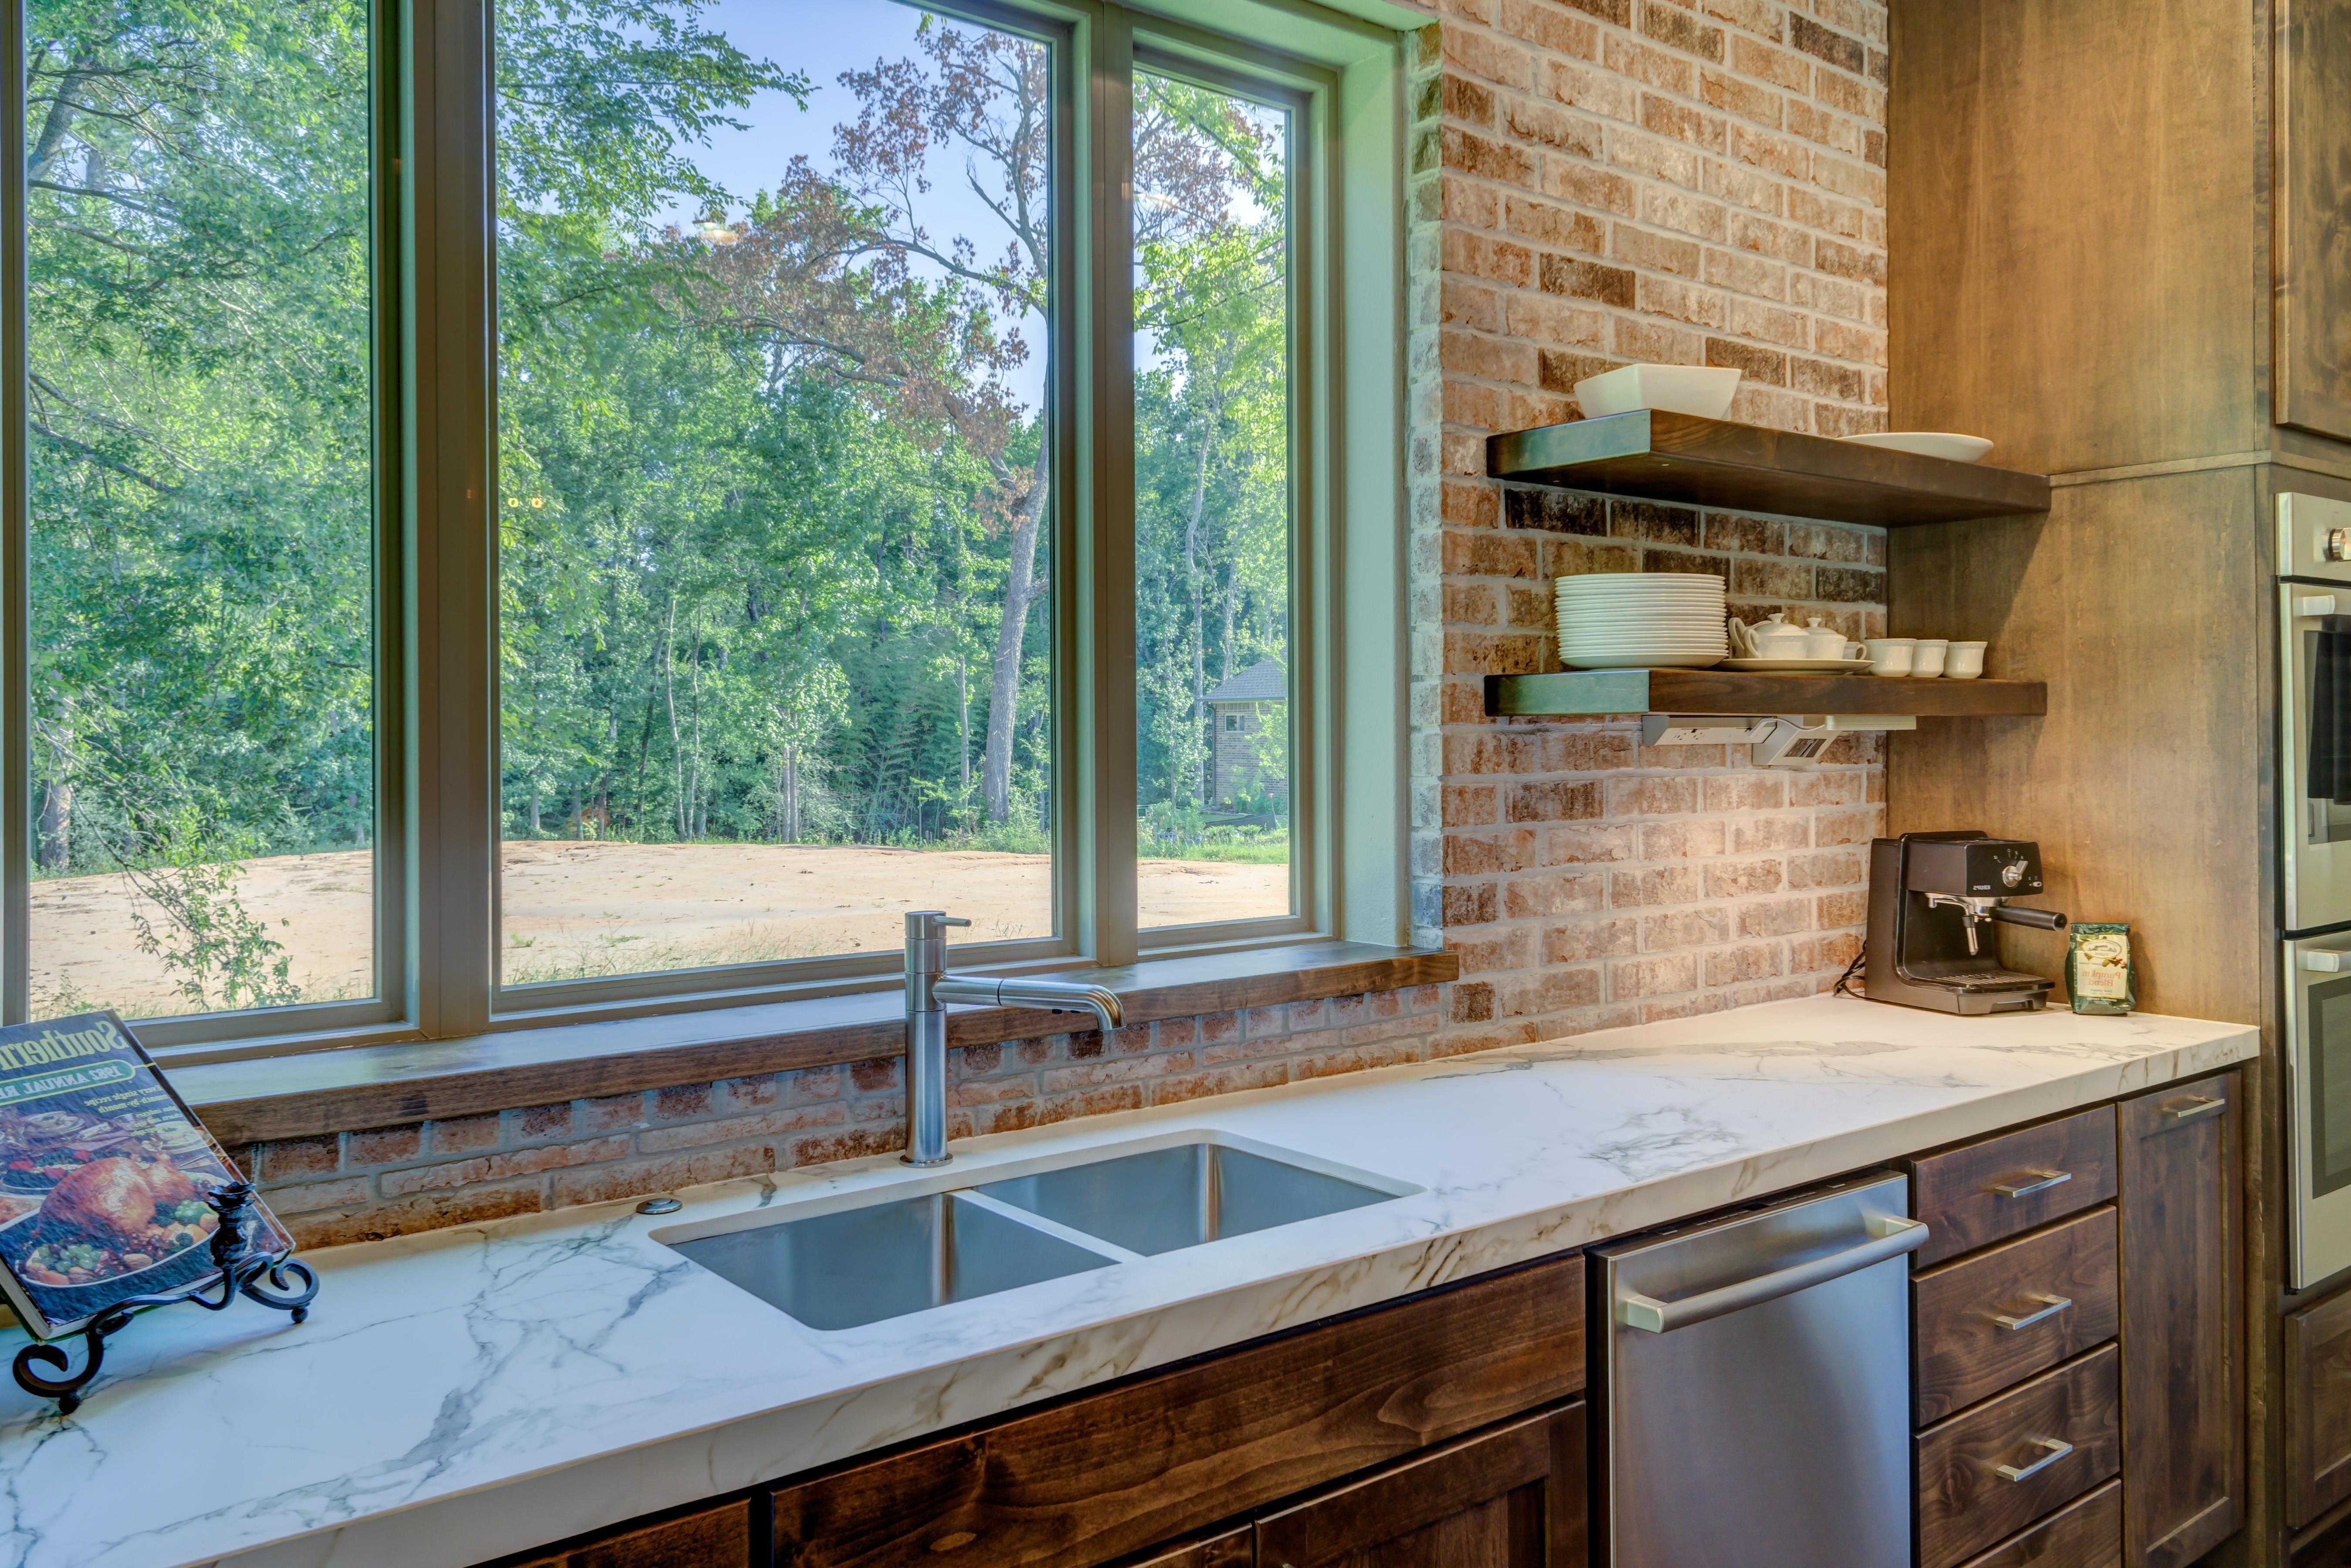 kitchen windows hutch for sale 免费照片 厨房 窗户 房子 房间 室内 家具 家 门